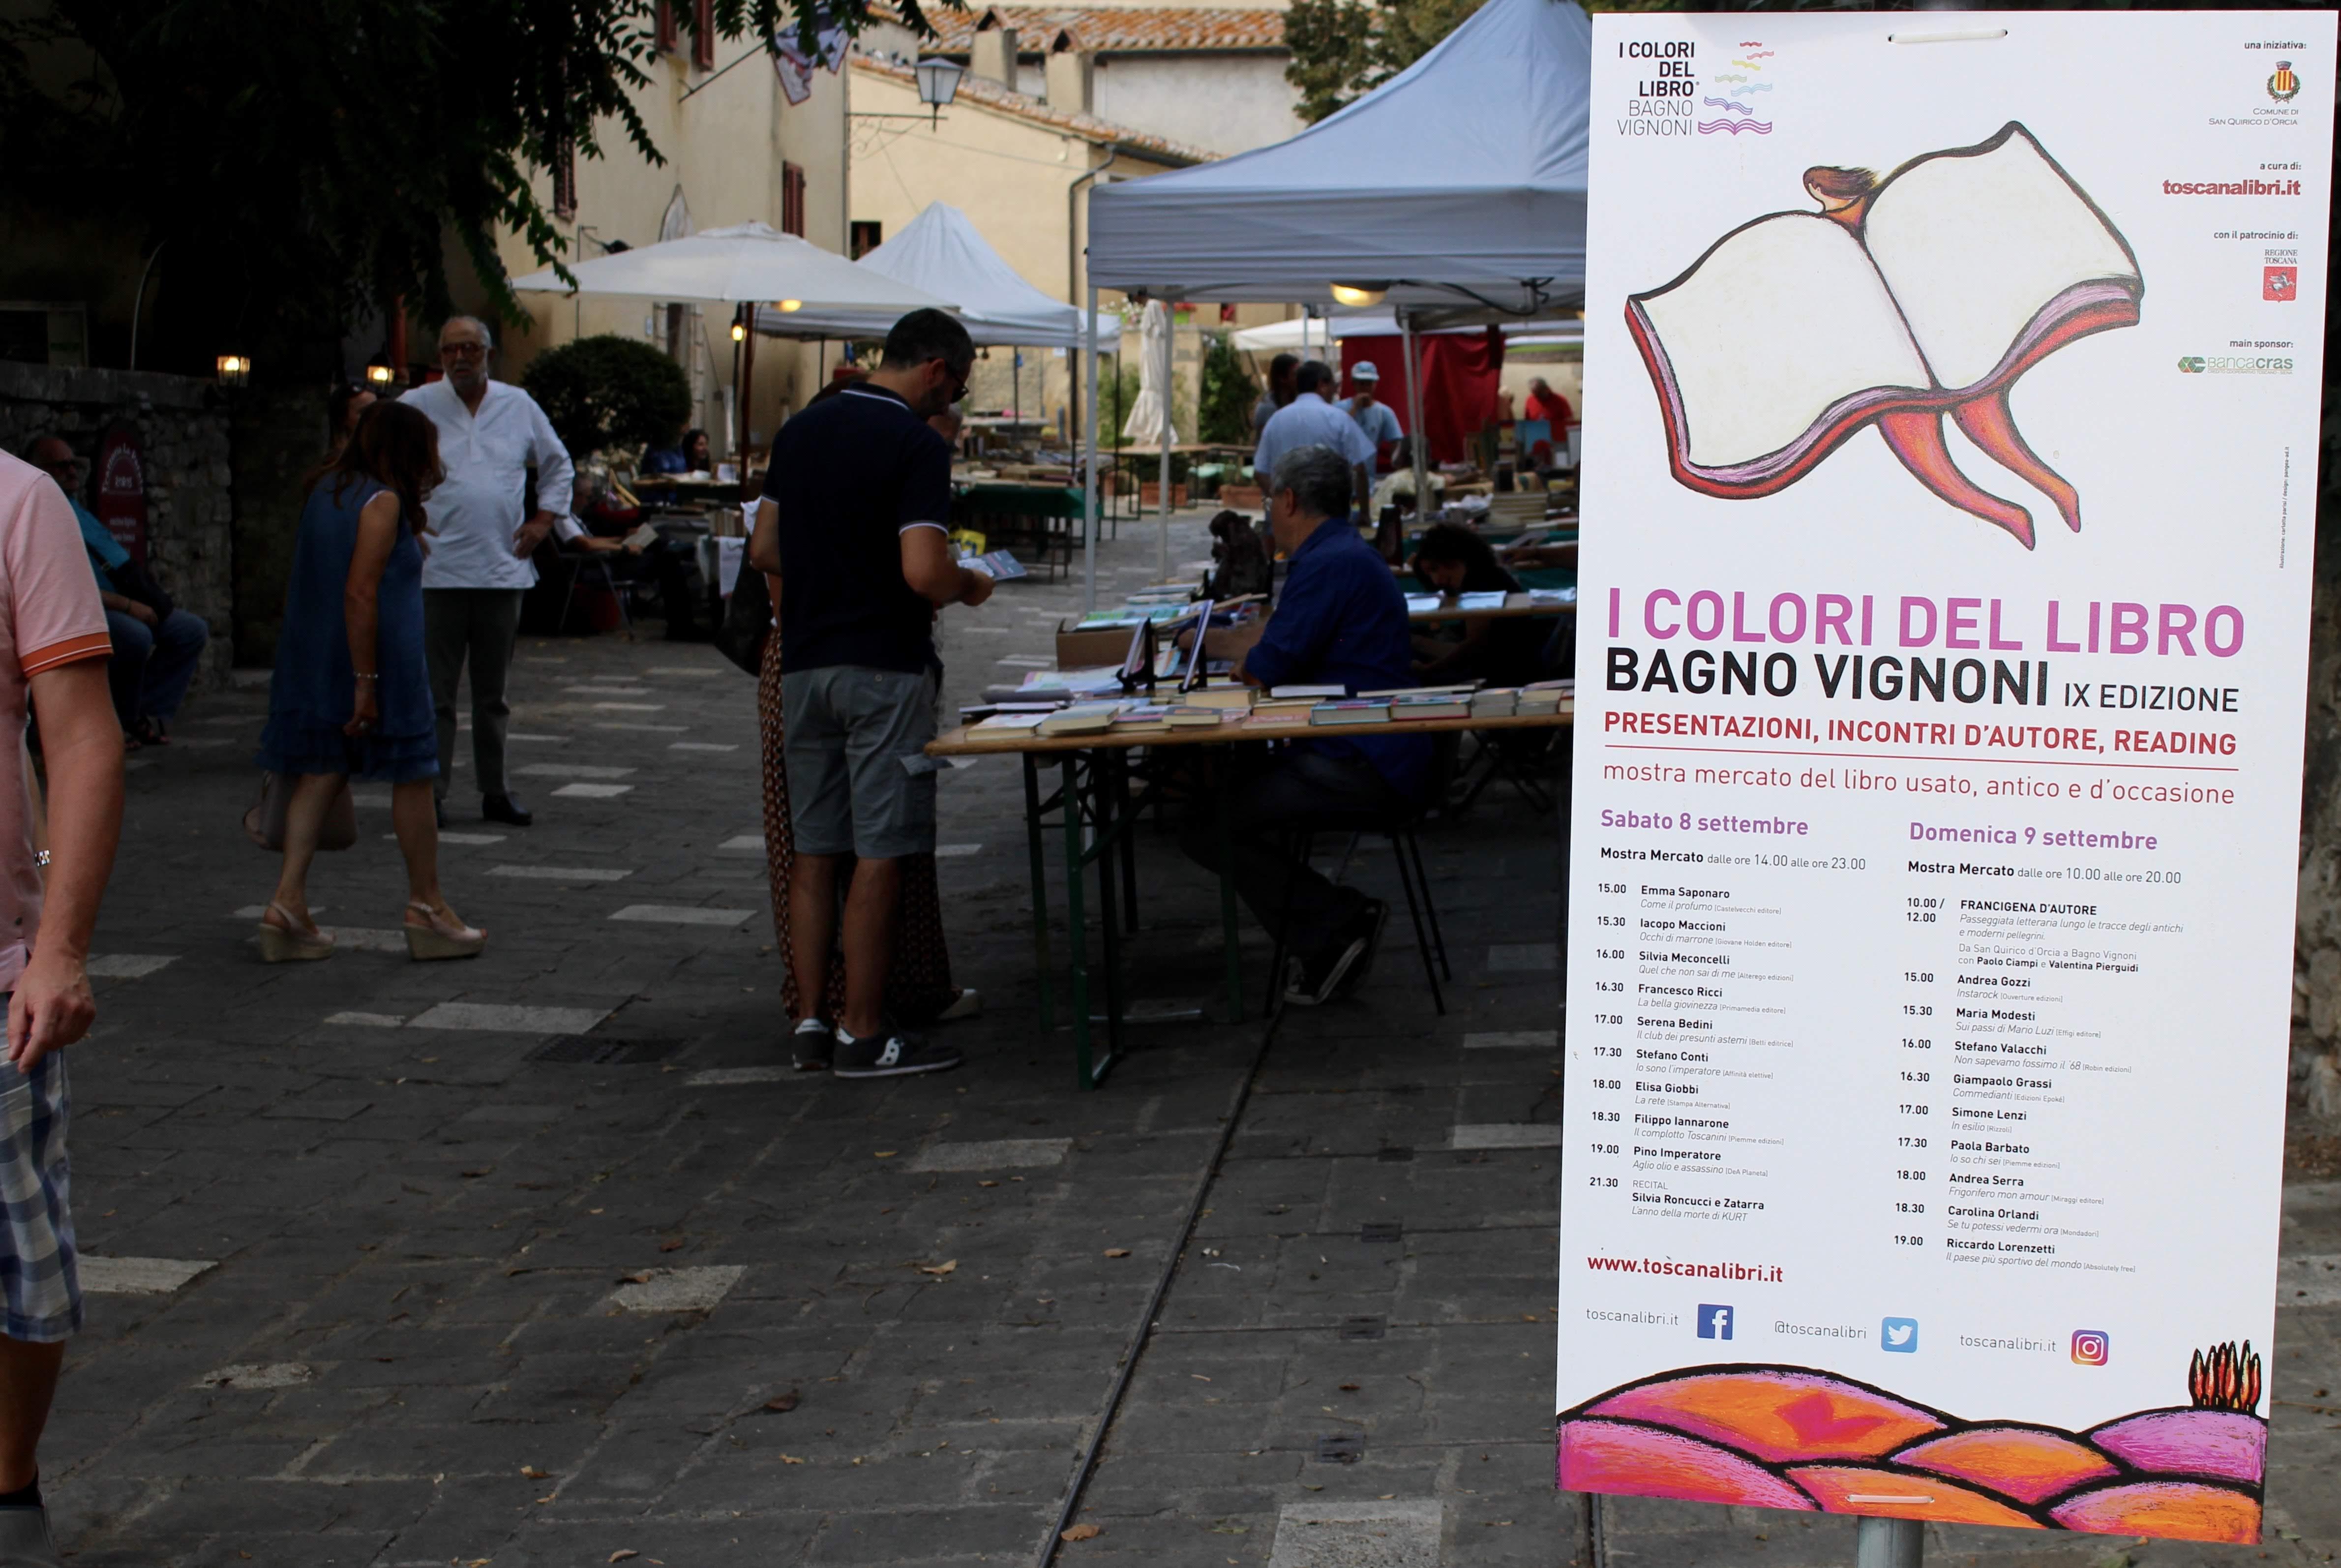 I Colori Del Libro Bagno Vignoni : Our tourist offer wellness u comune di san quirico d orcia